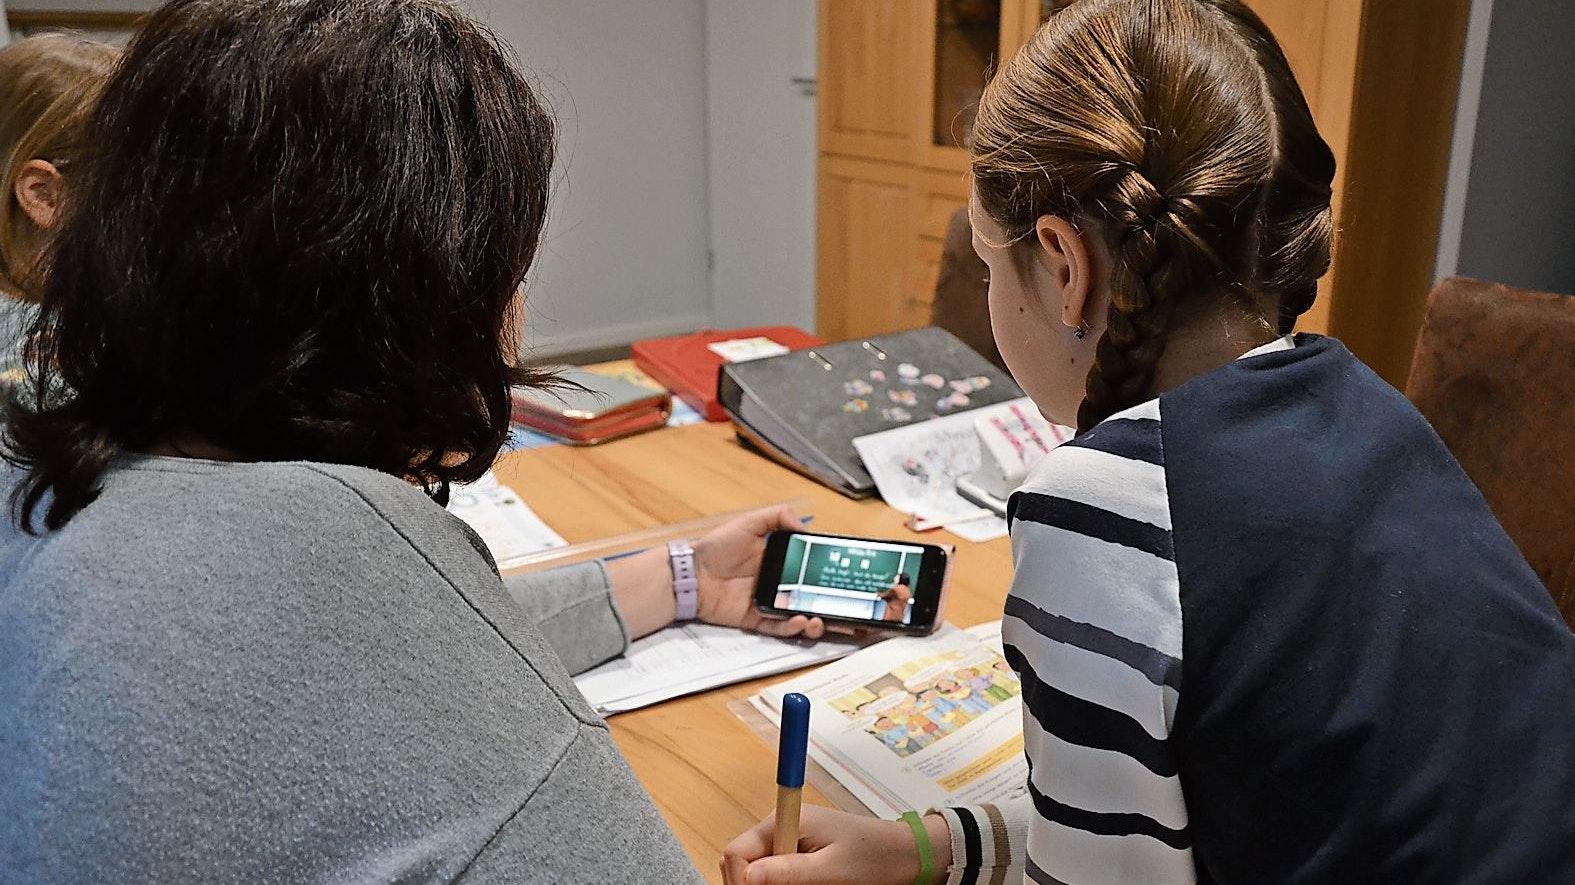 Lernen aus der Ferne: Einige Grundschullehrerinnen erklären den Stoff per Video. Ansonsten sind die jüngeren Kinder im Homeschooling  vor allem auf die Hilfe der Eltern angewiesen. Foto: Meyer